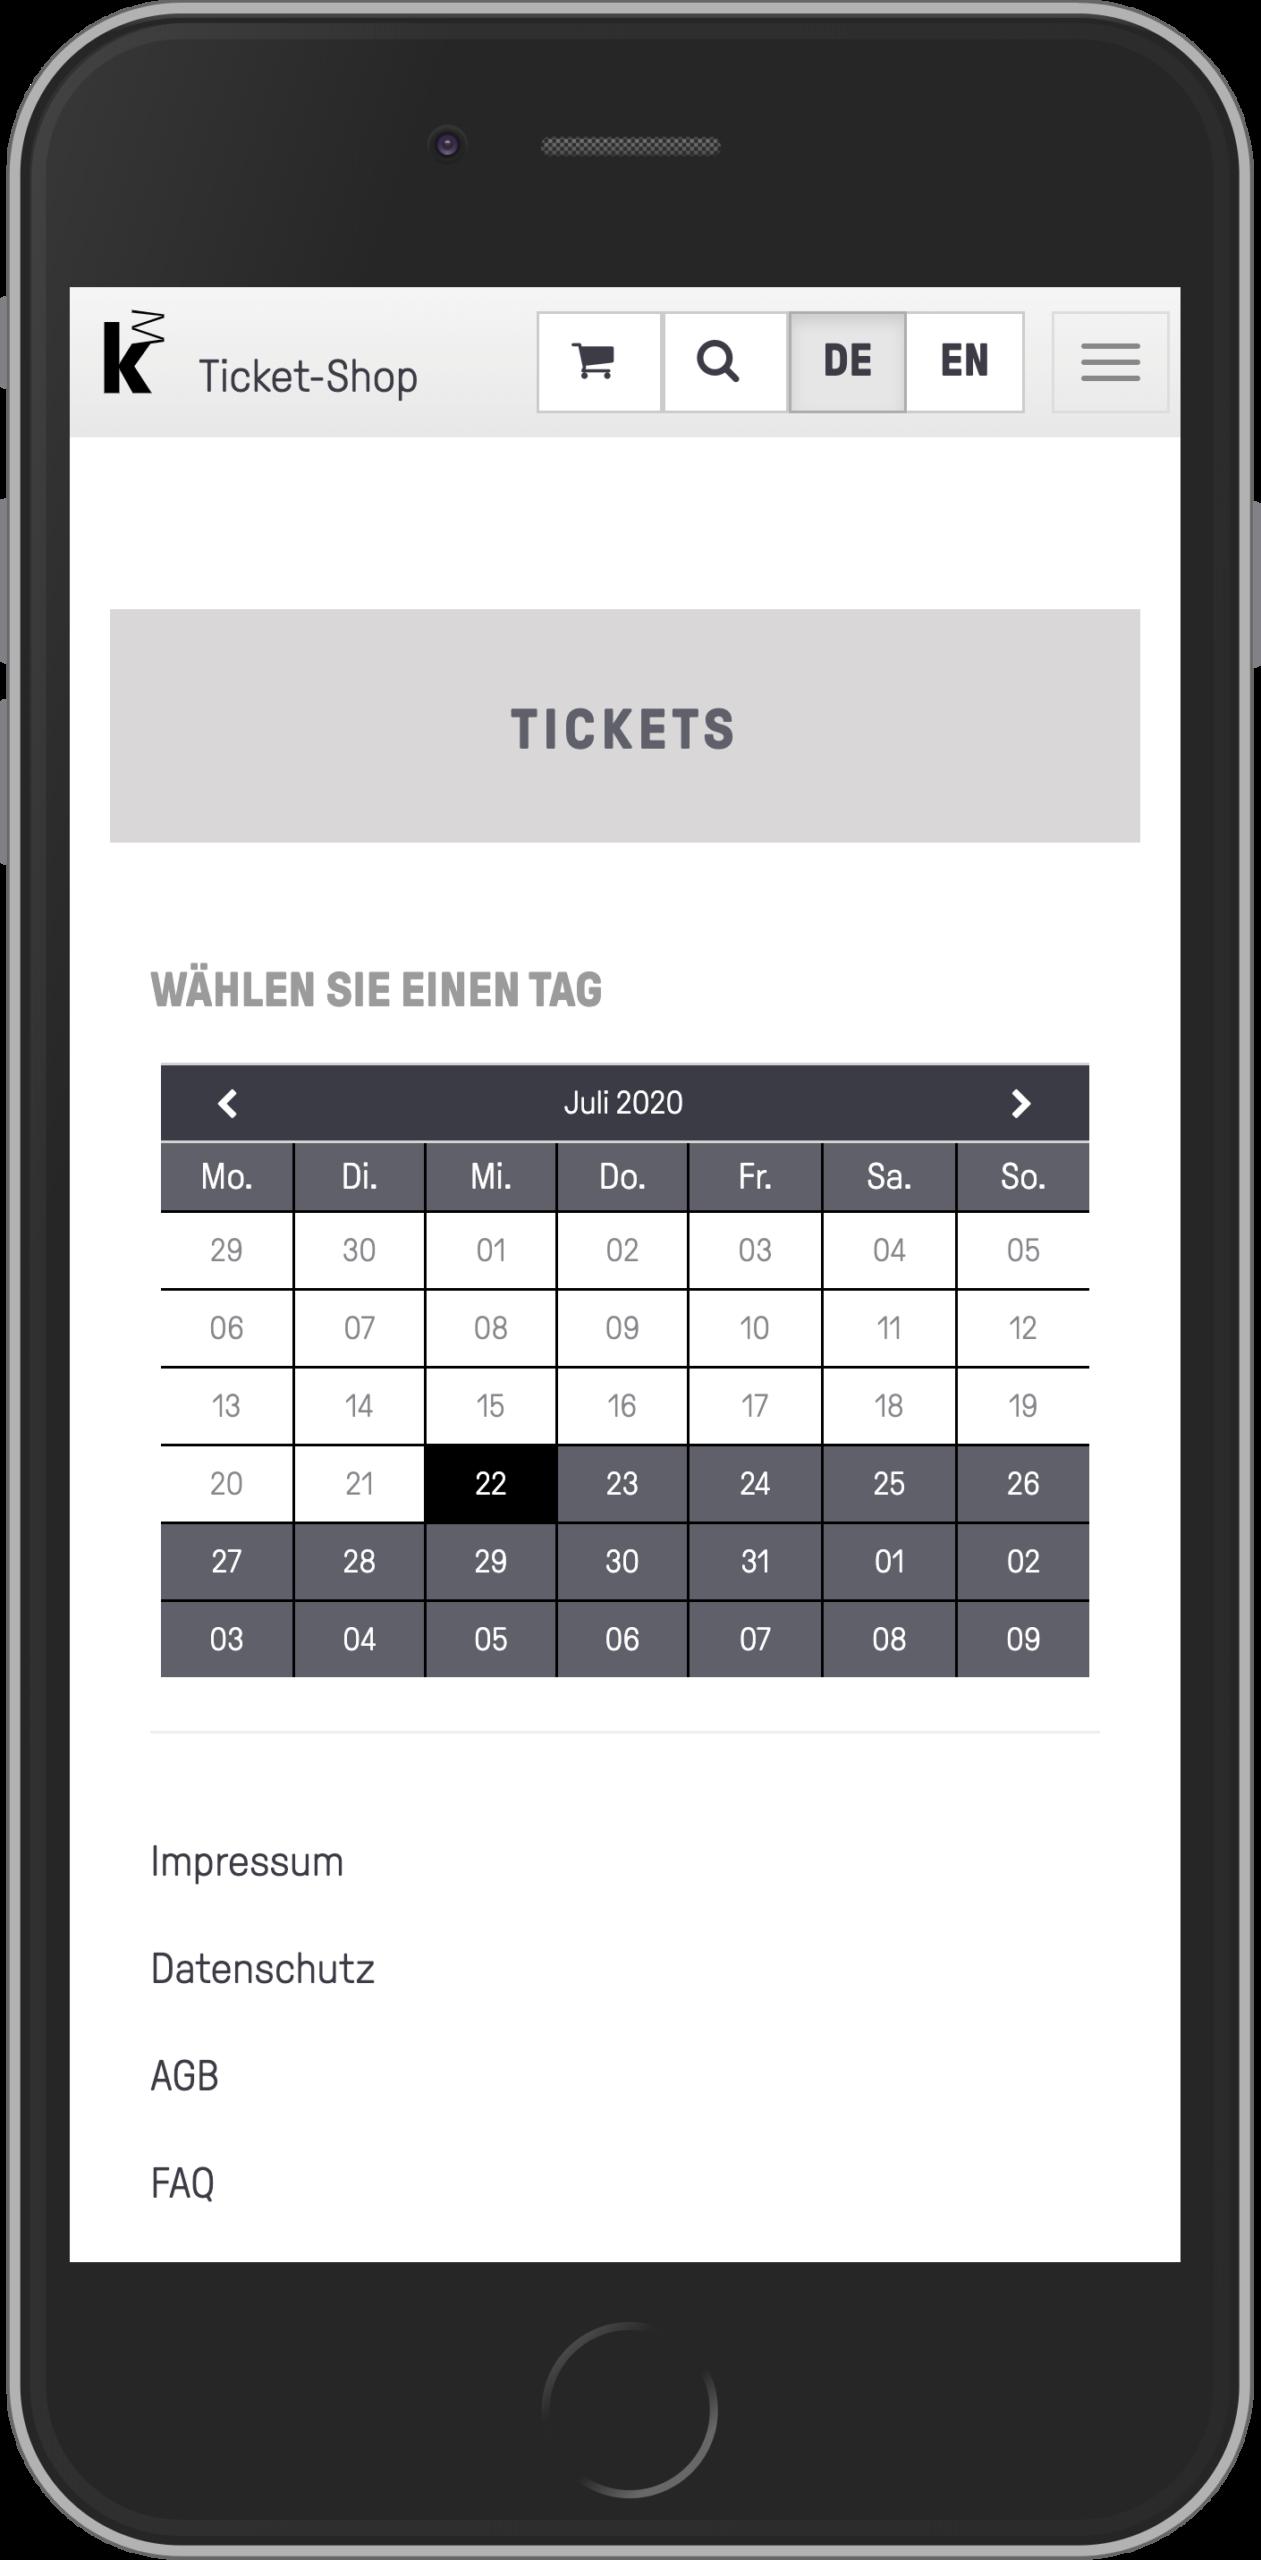 Mobile Ansicht der Datumsauswahl im Ticketkaufvorgang des Online-Shops der Kunsthalle Mannheim